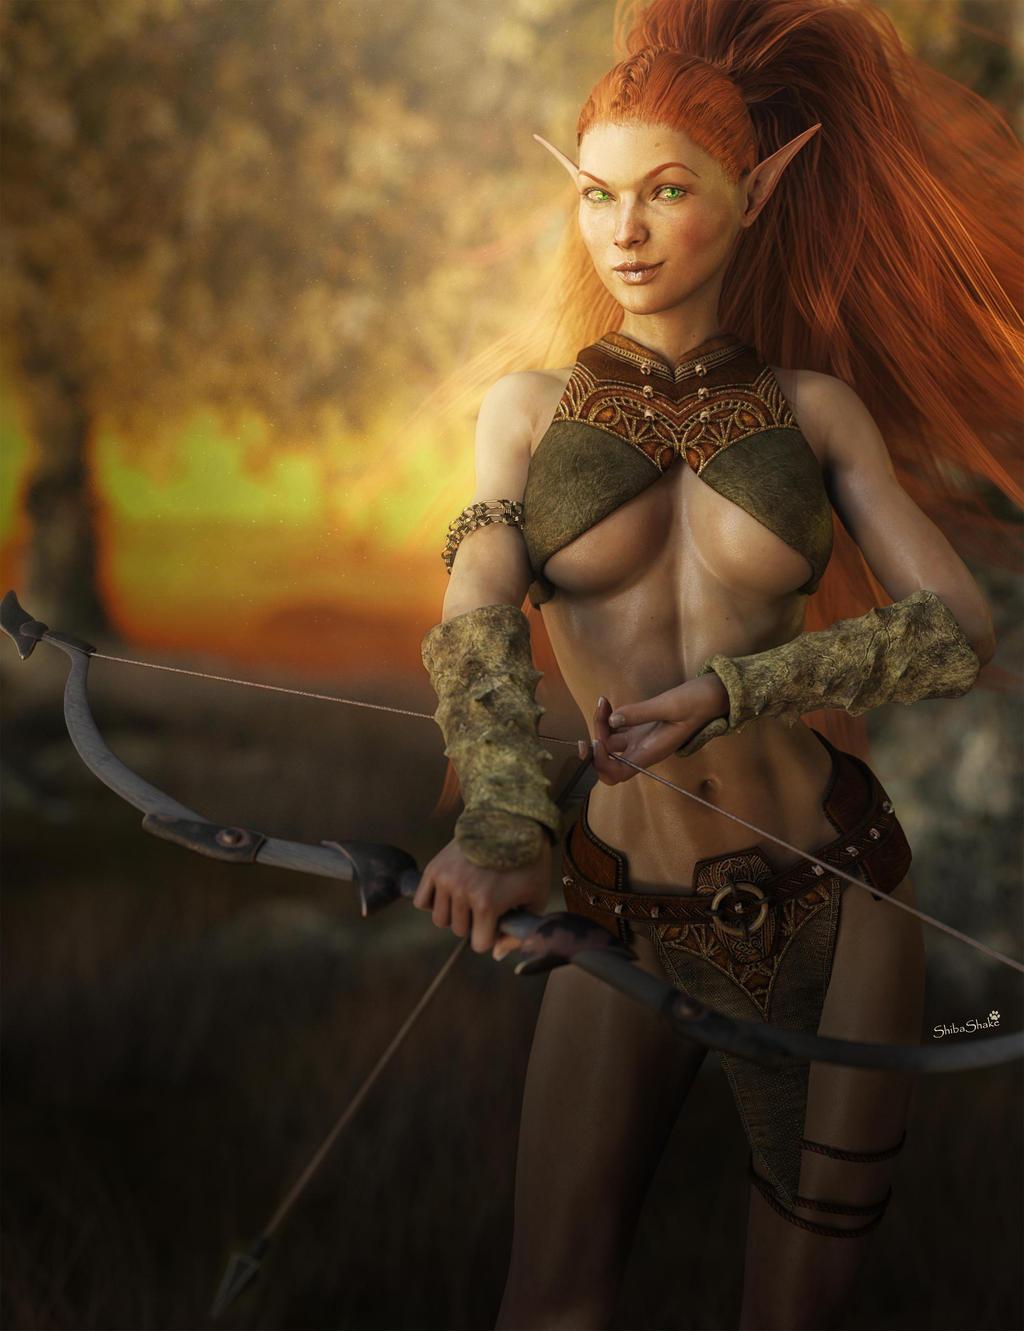 Redhead Elf Archer Girl, Fantasy Art by shibashake